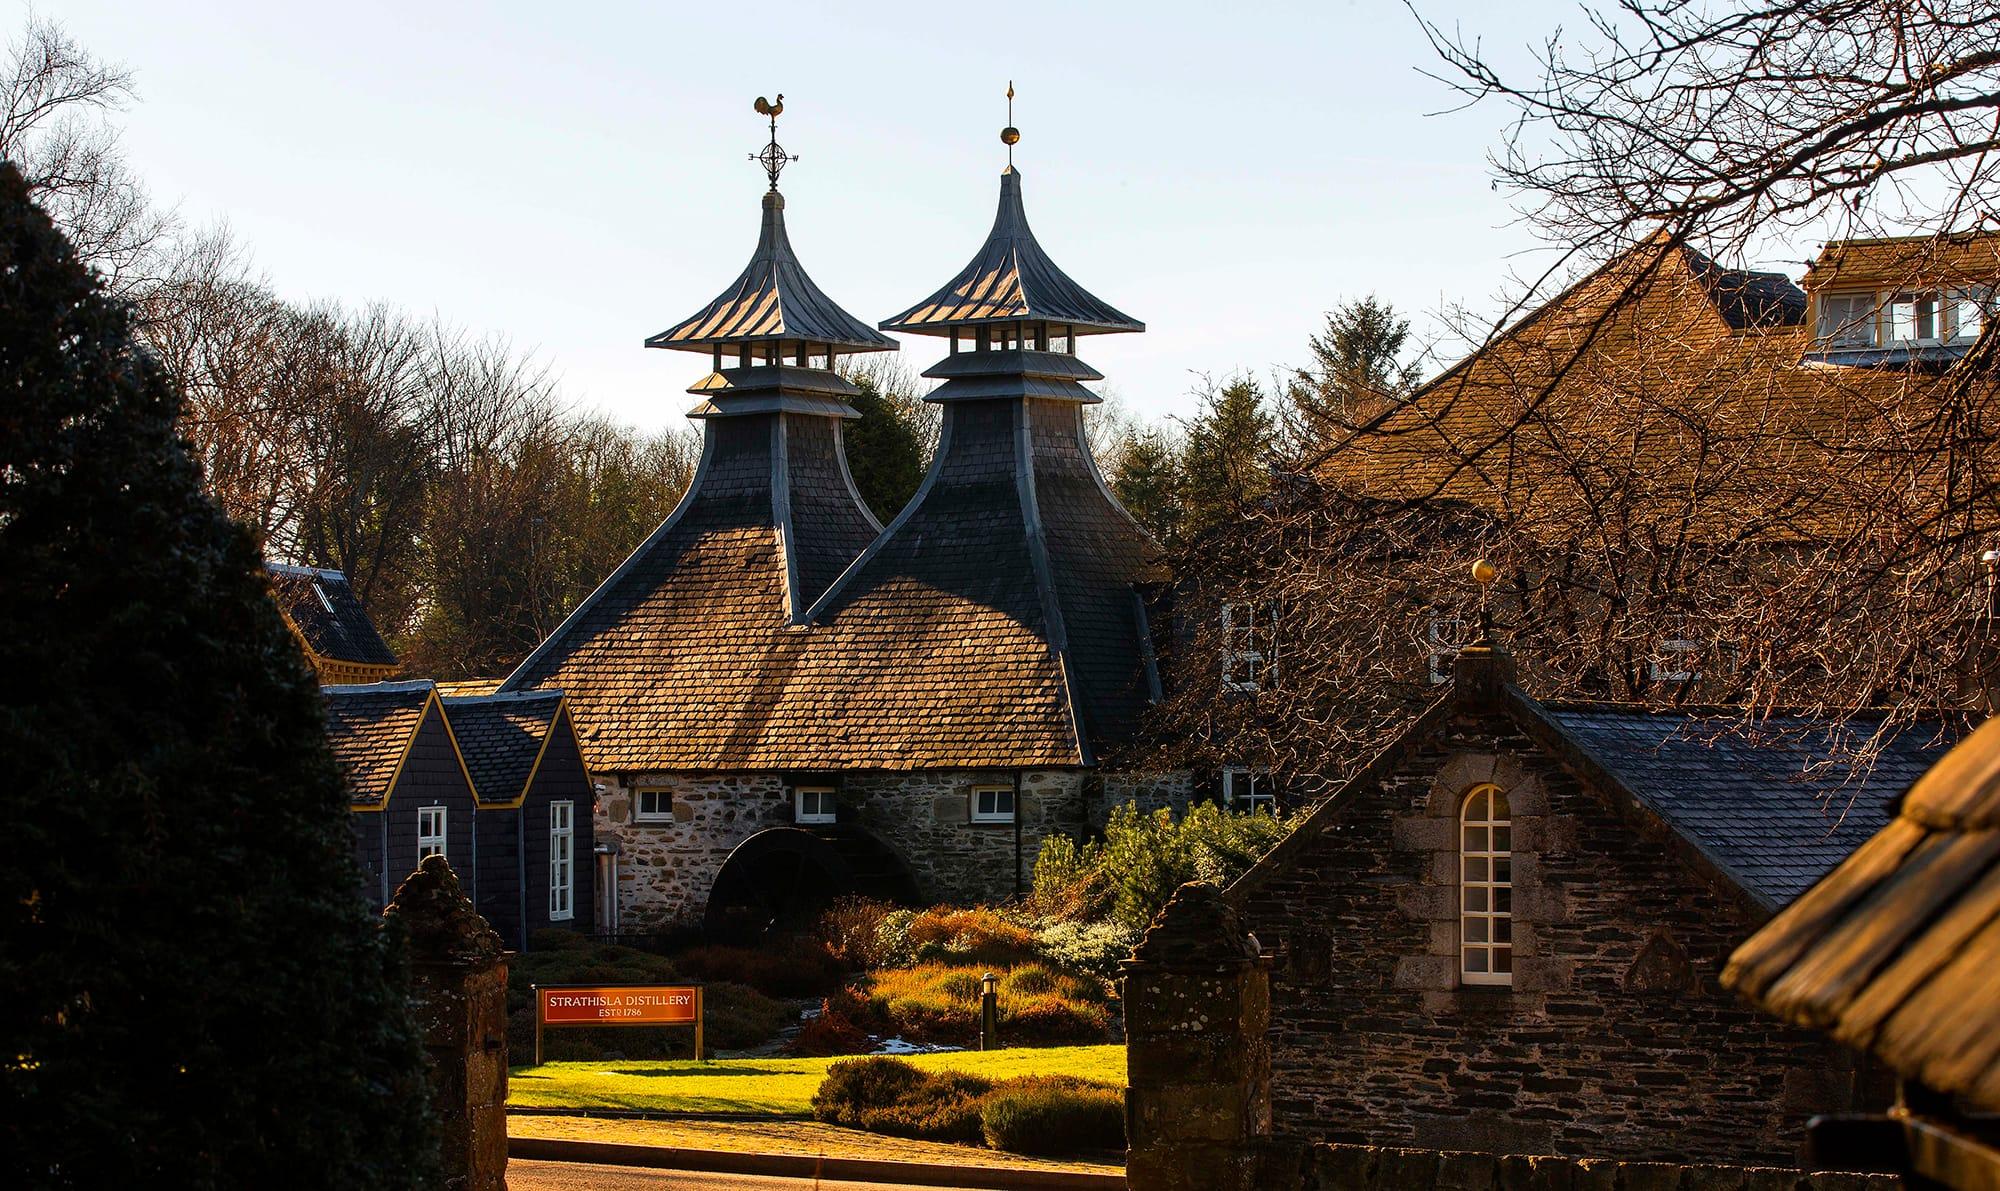 スコットランドのキースにあるシーバルリーガル社の蒸溜所。スコットランドと富山8,888km離れたシーバスリーガルと満寿泉、2つのブランドの出合い。